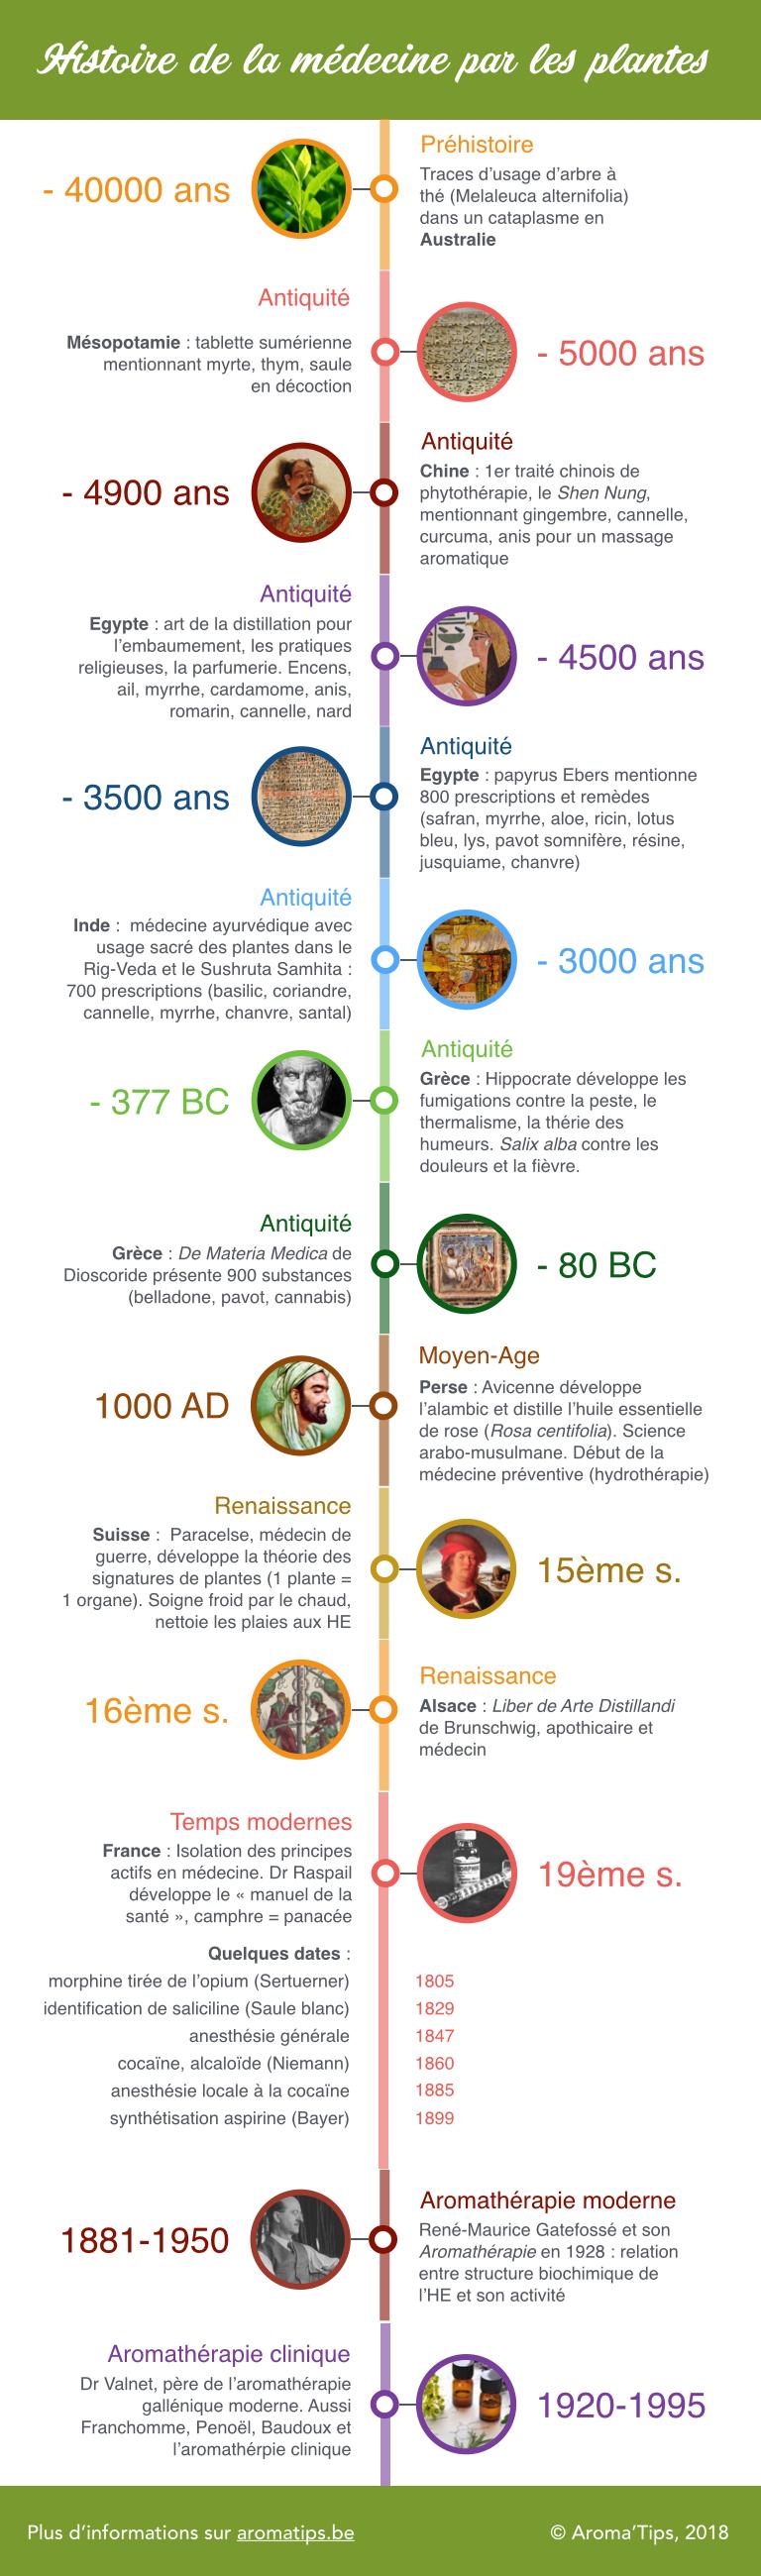 histoire de la médecine par les plantes